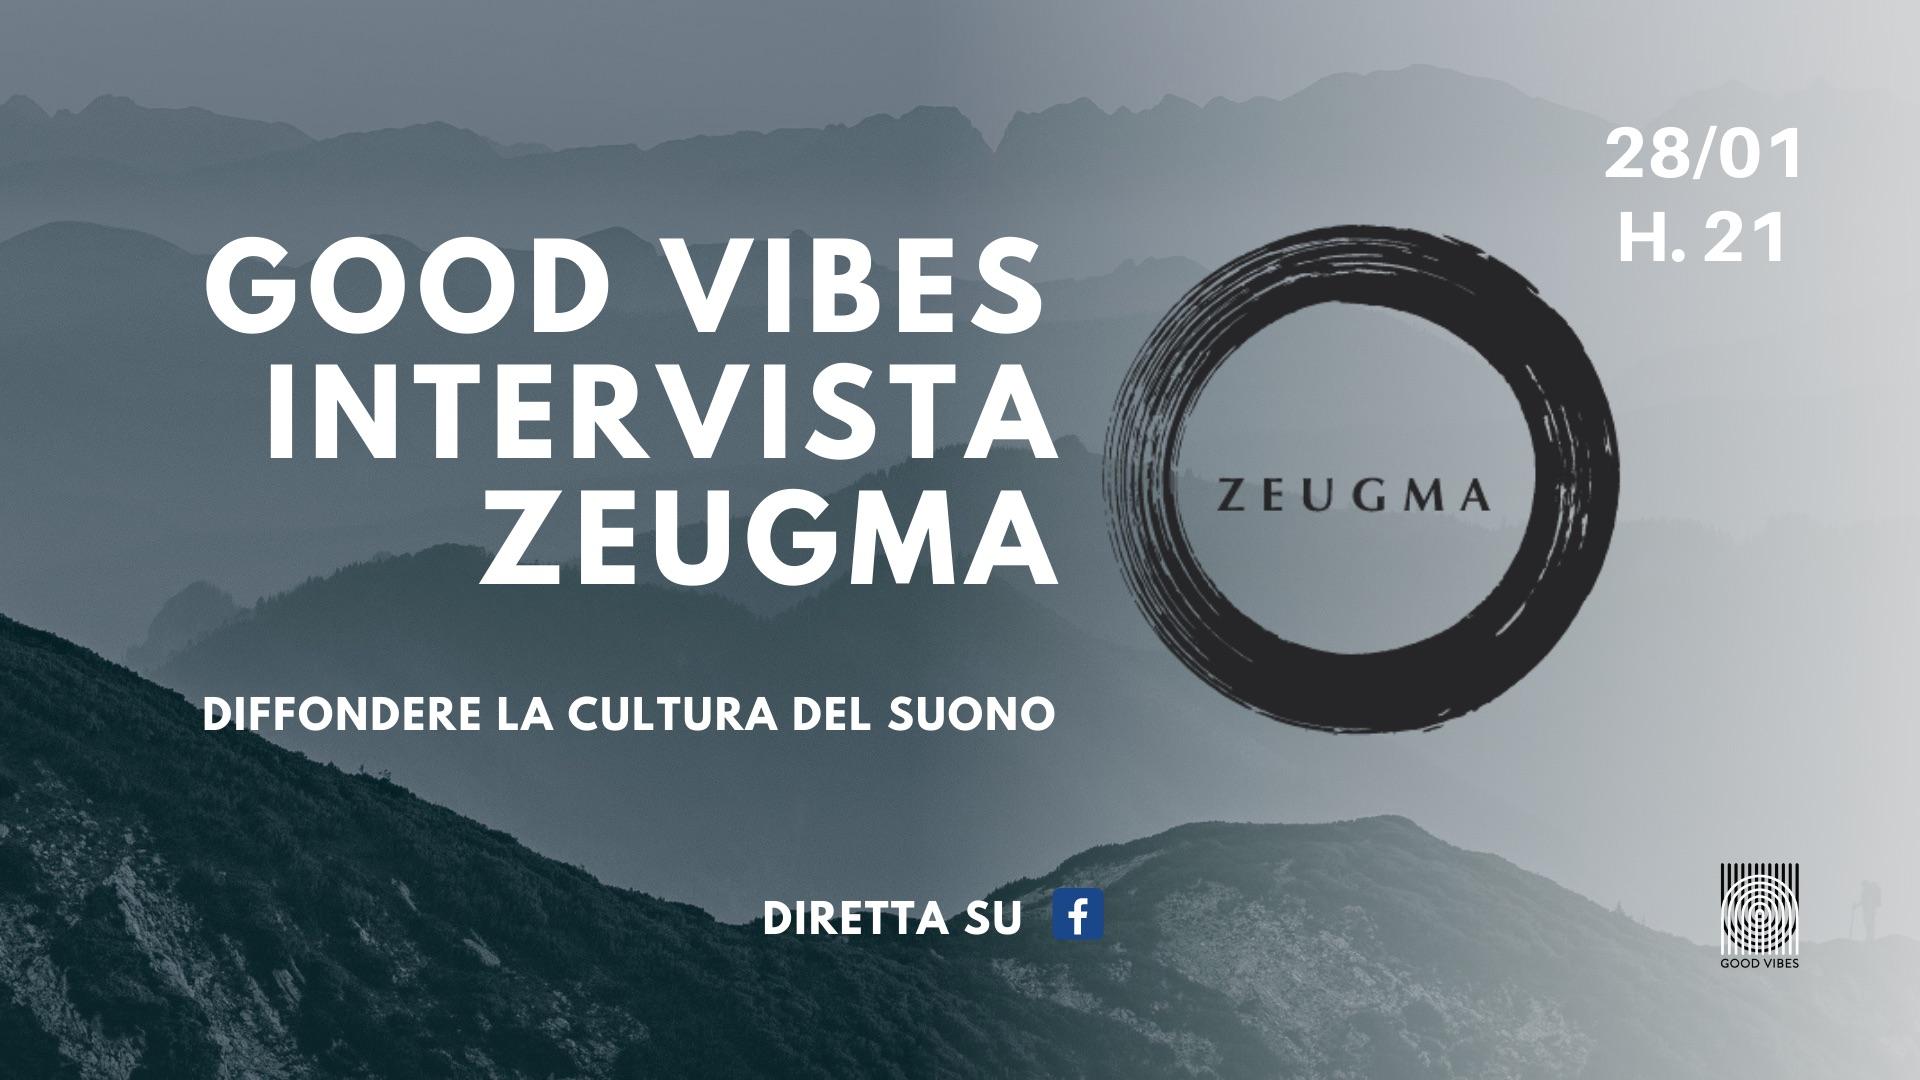 Diffondere la cultura del suono: la nascita del Forum del Collettivo Zeugma